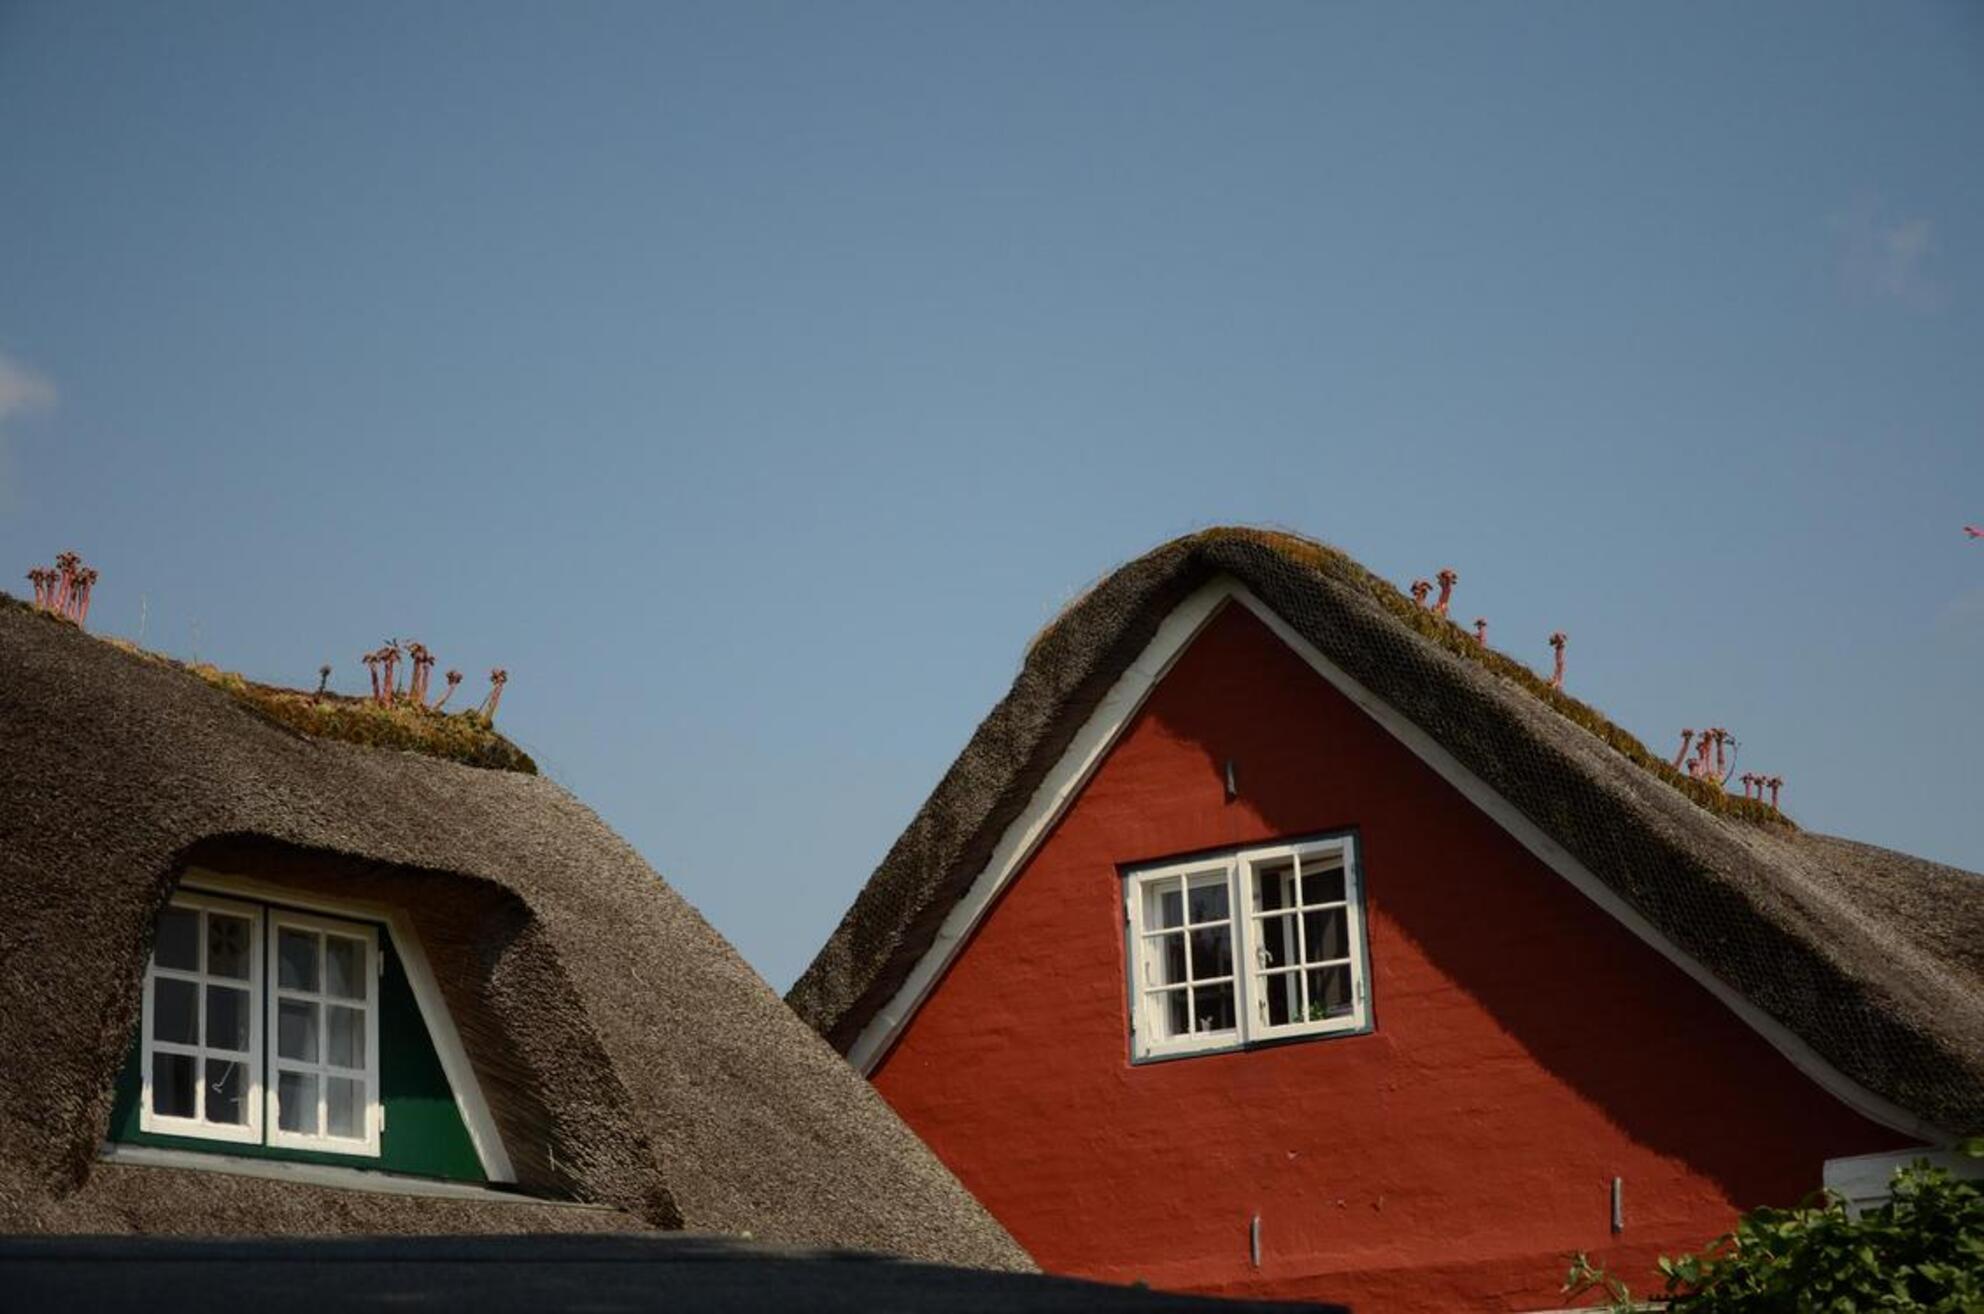 Groente? - Op Fano wil er nog wel eens een vreemde groente op de nok van het dak groeien. - foto door Henk1946 op 23-07-2011 - deze foto bevat: plantje, dak, groente - Deze foto mag gebruikt worden in een Zoom.nl publicatie